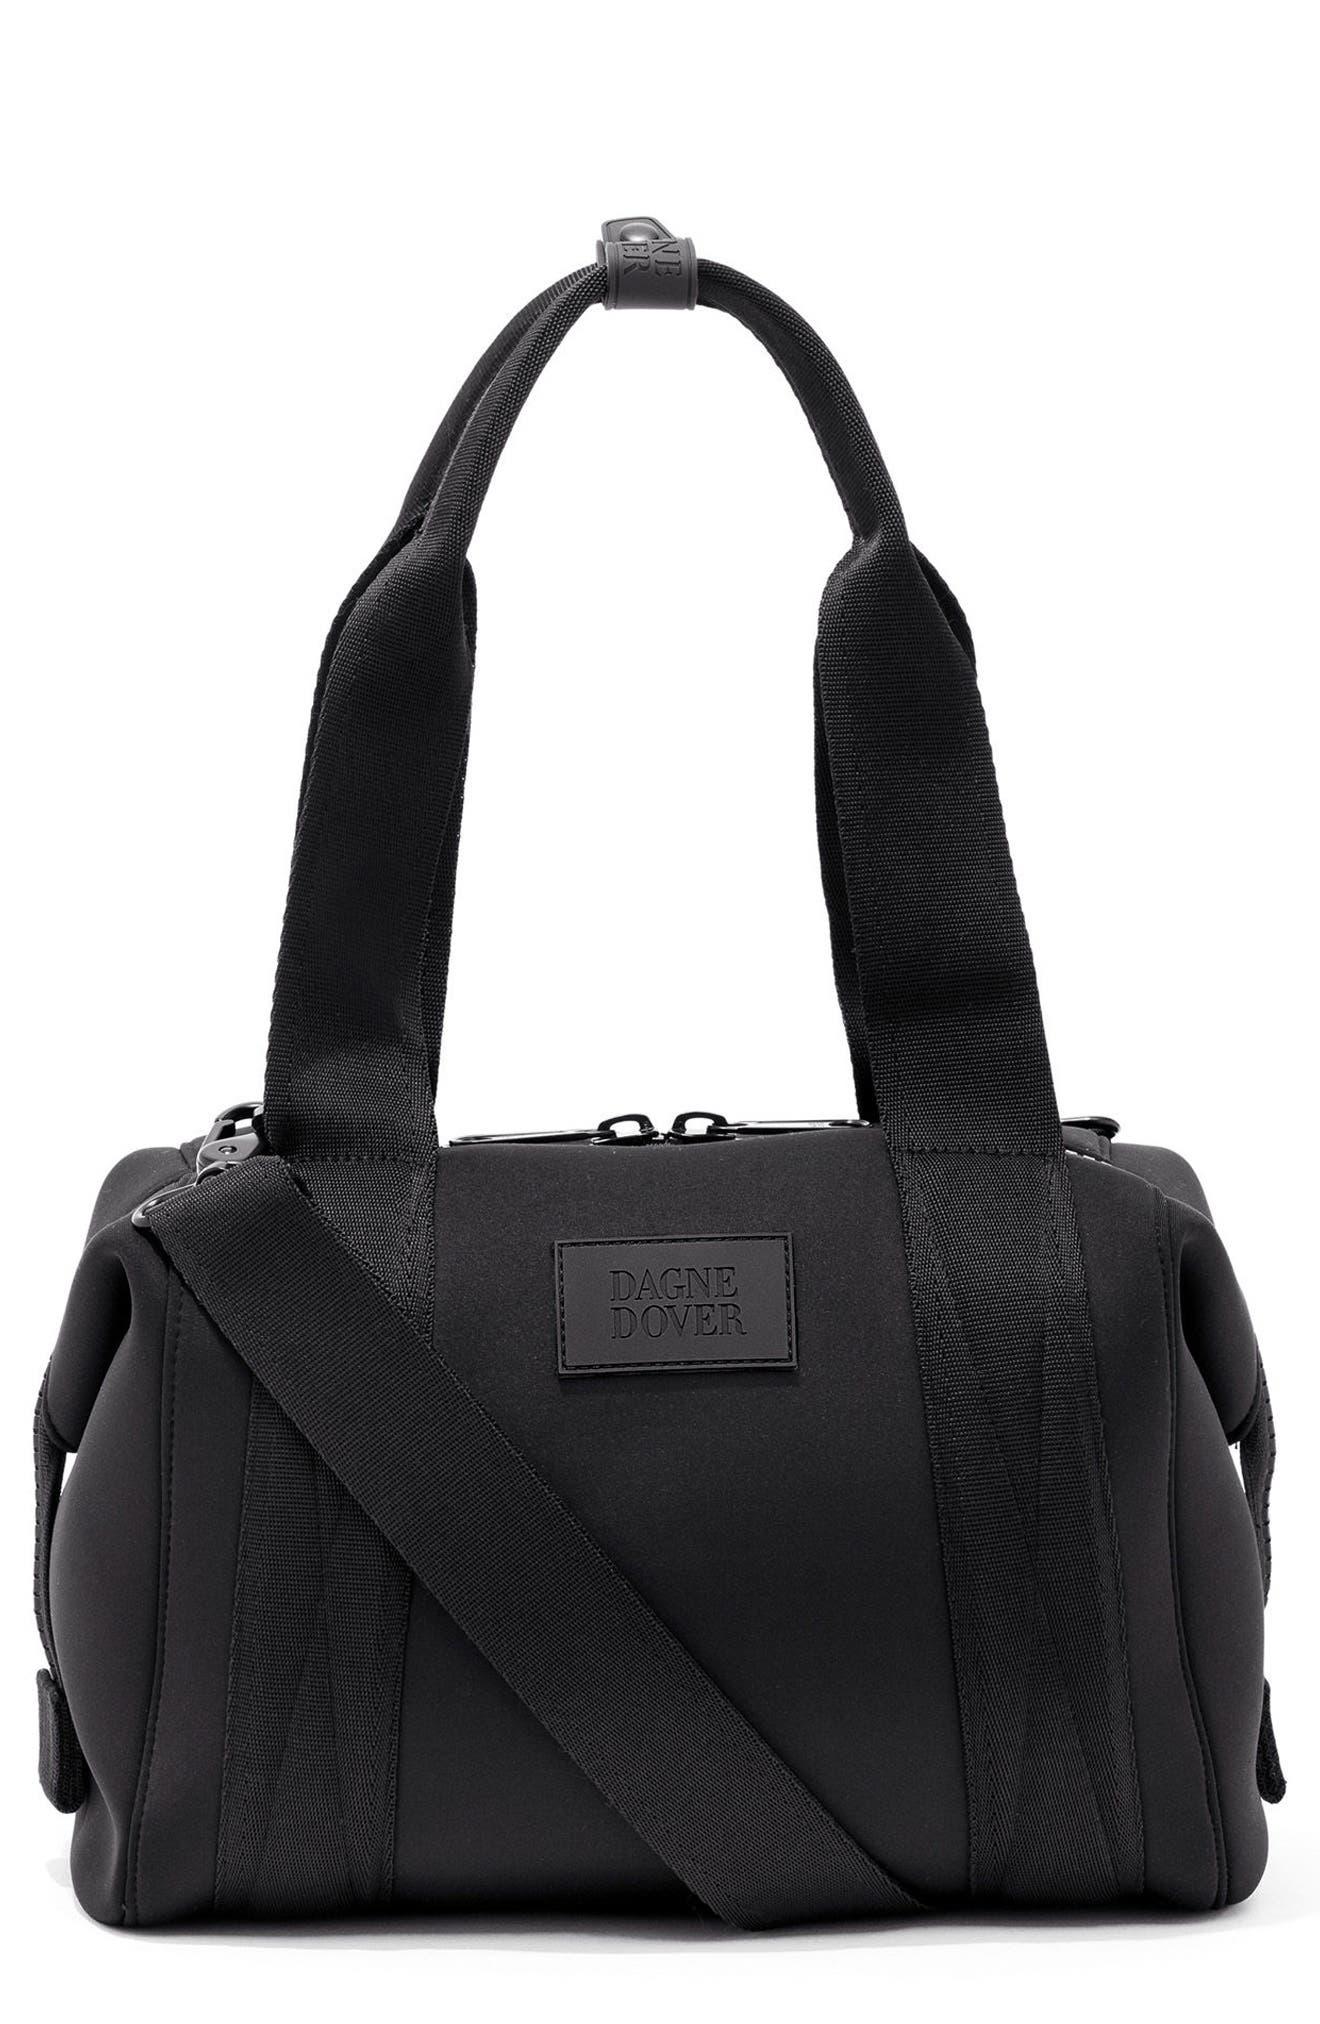 Dagne Dover 365 Small Landon Carryall Duffel Bag